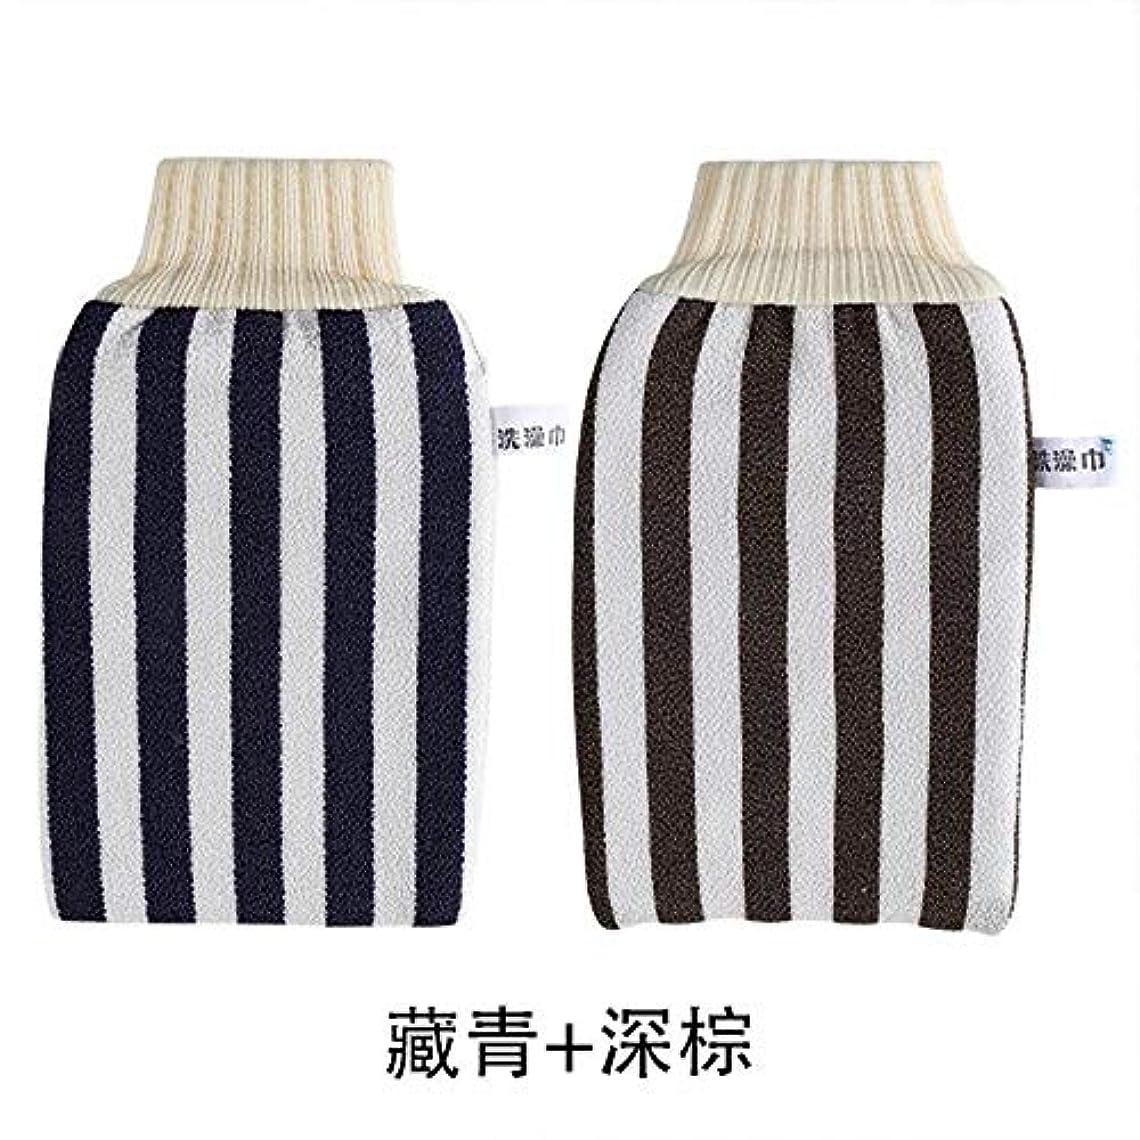 カジュアルレコーダー泥だらけBTXXYJP お風呂用手袋 シャワー手袋 あかすり ボディブラシ ボディタオル やわらか 角質除去 (Color : Navy+brown)